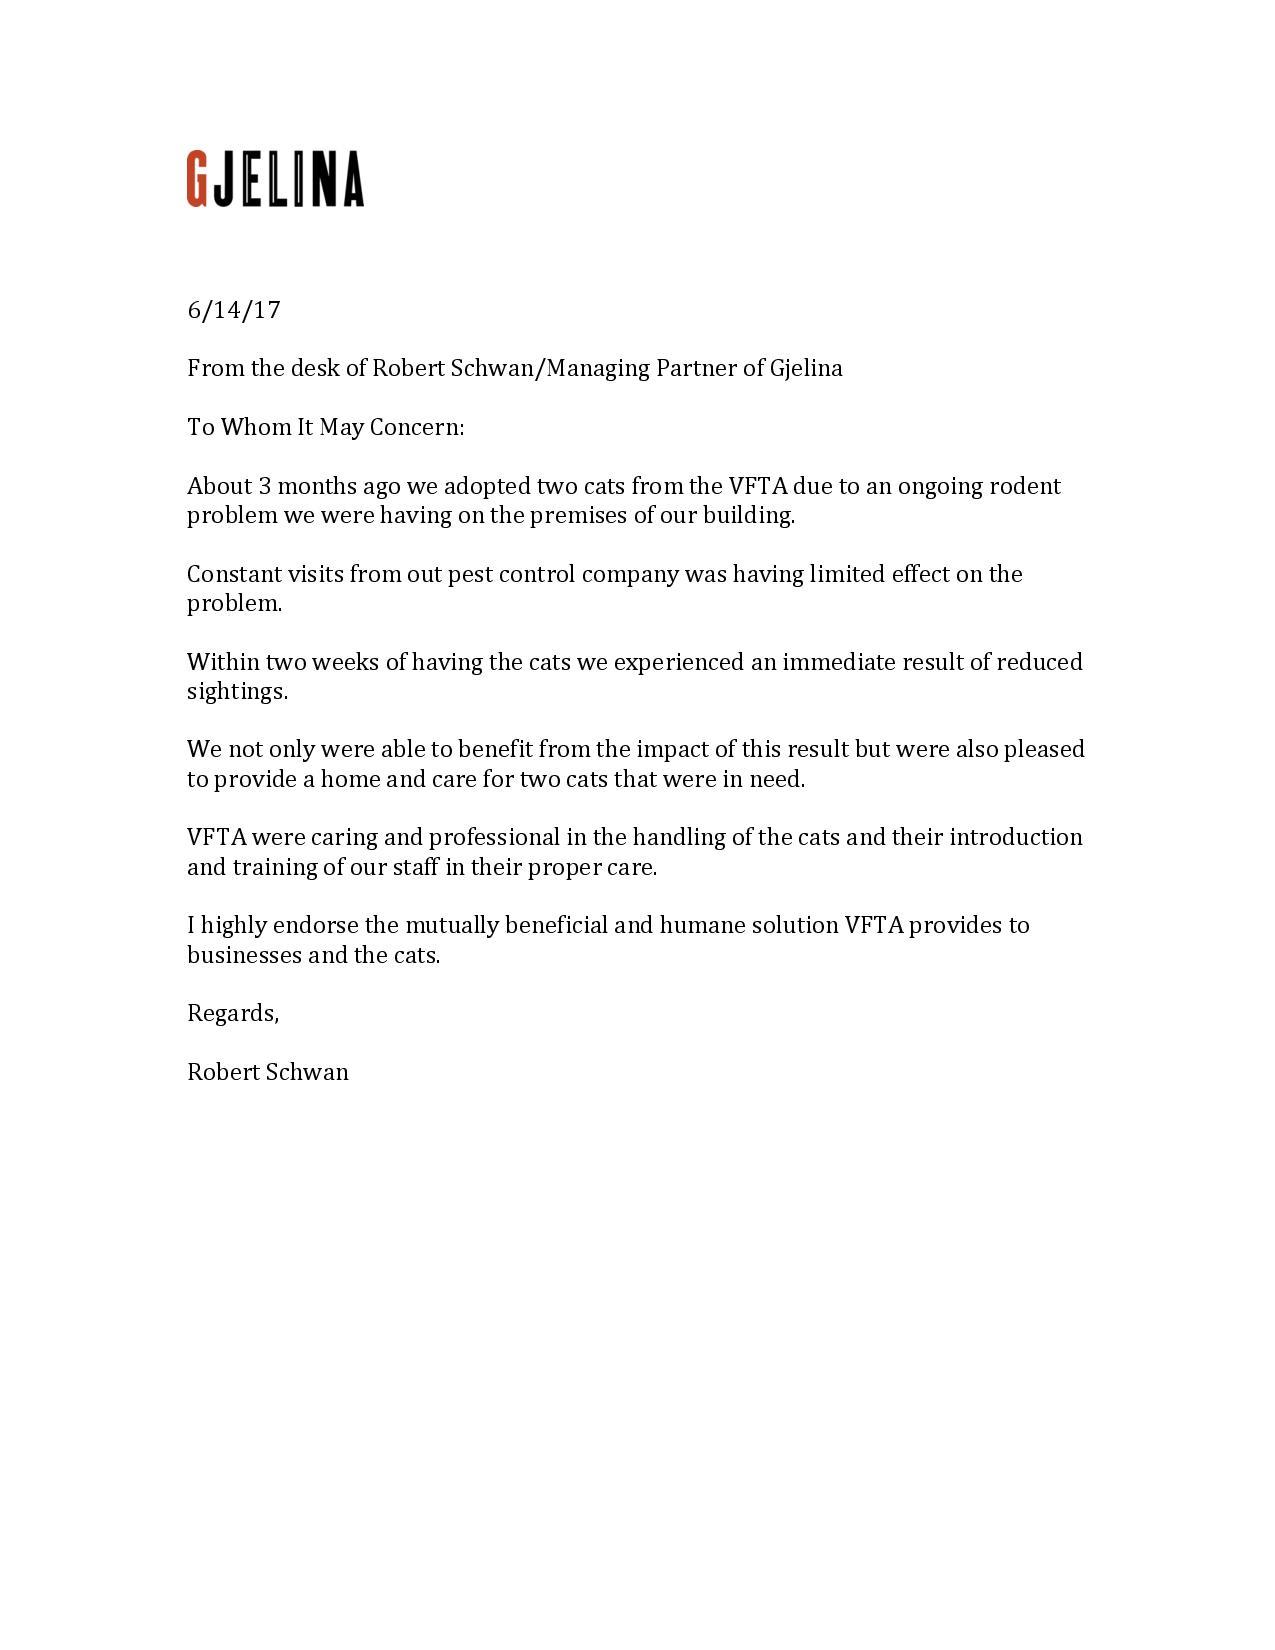 VTFA_Letter_2-page-001.jpg